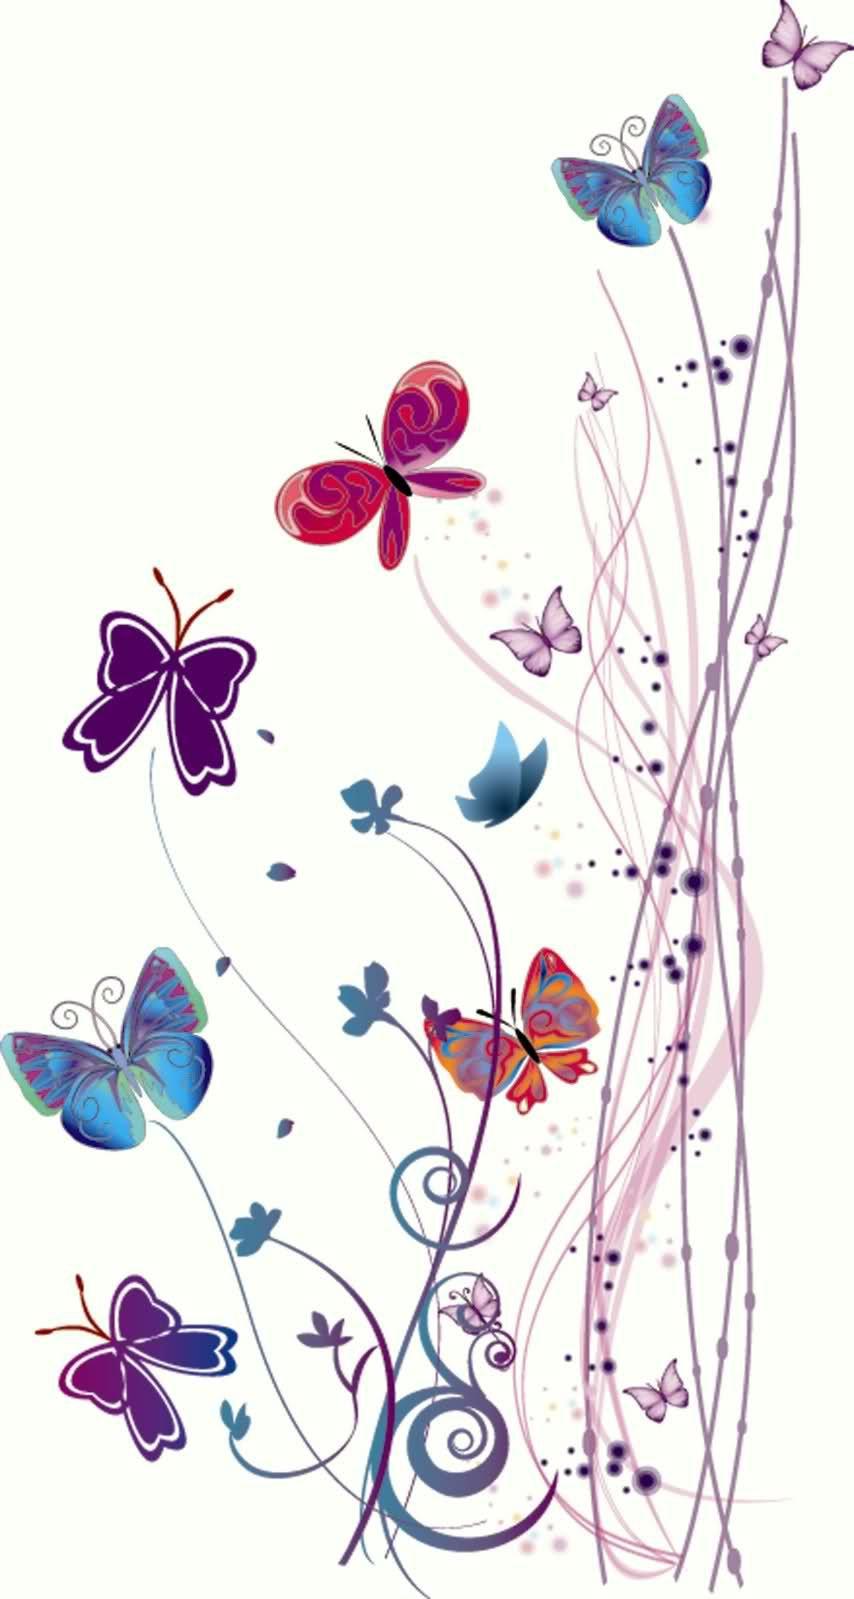 Imagenes de mariposas vectorizadas buscar con google for Mural de flores y mariposas